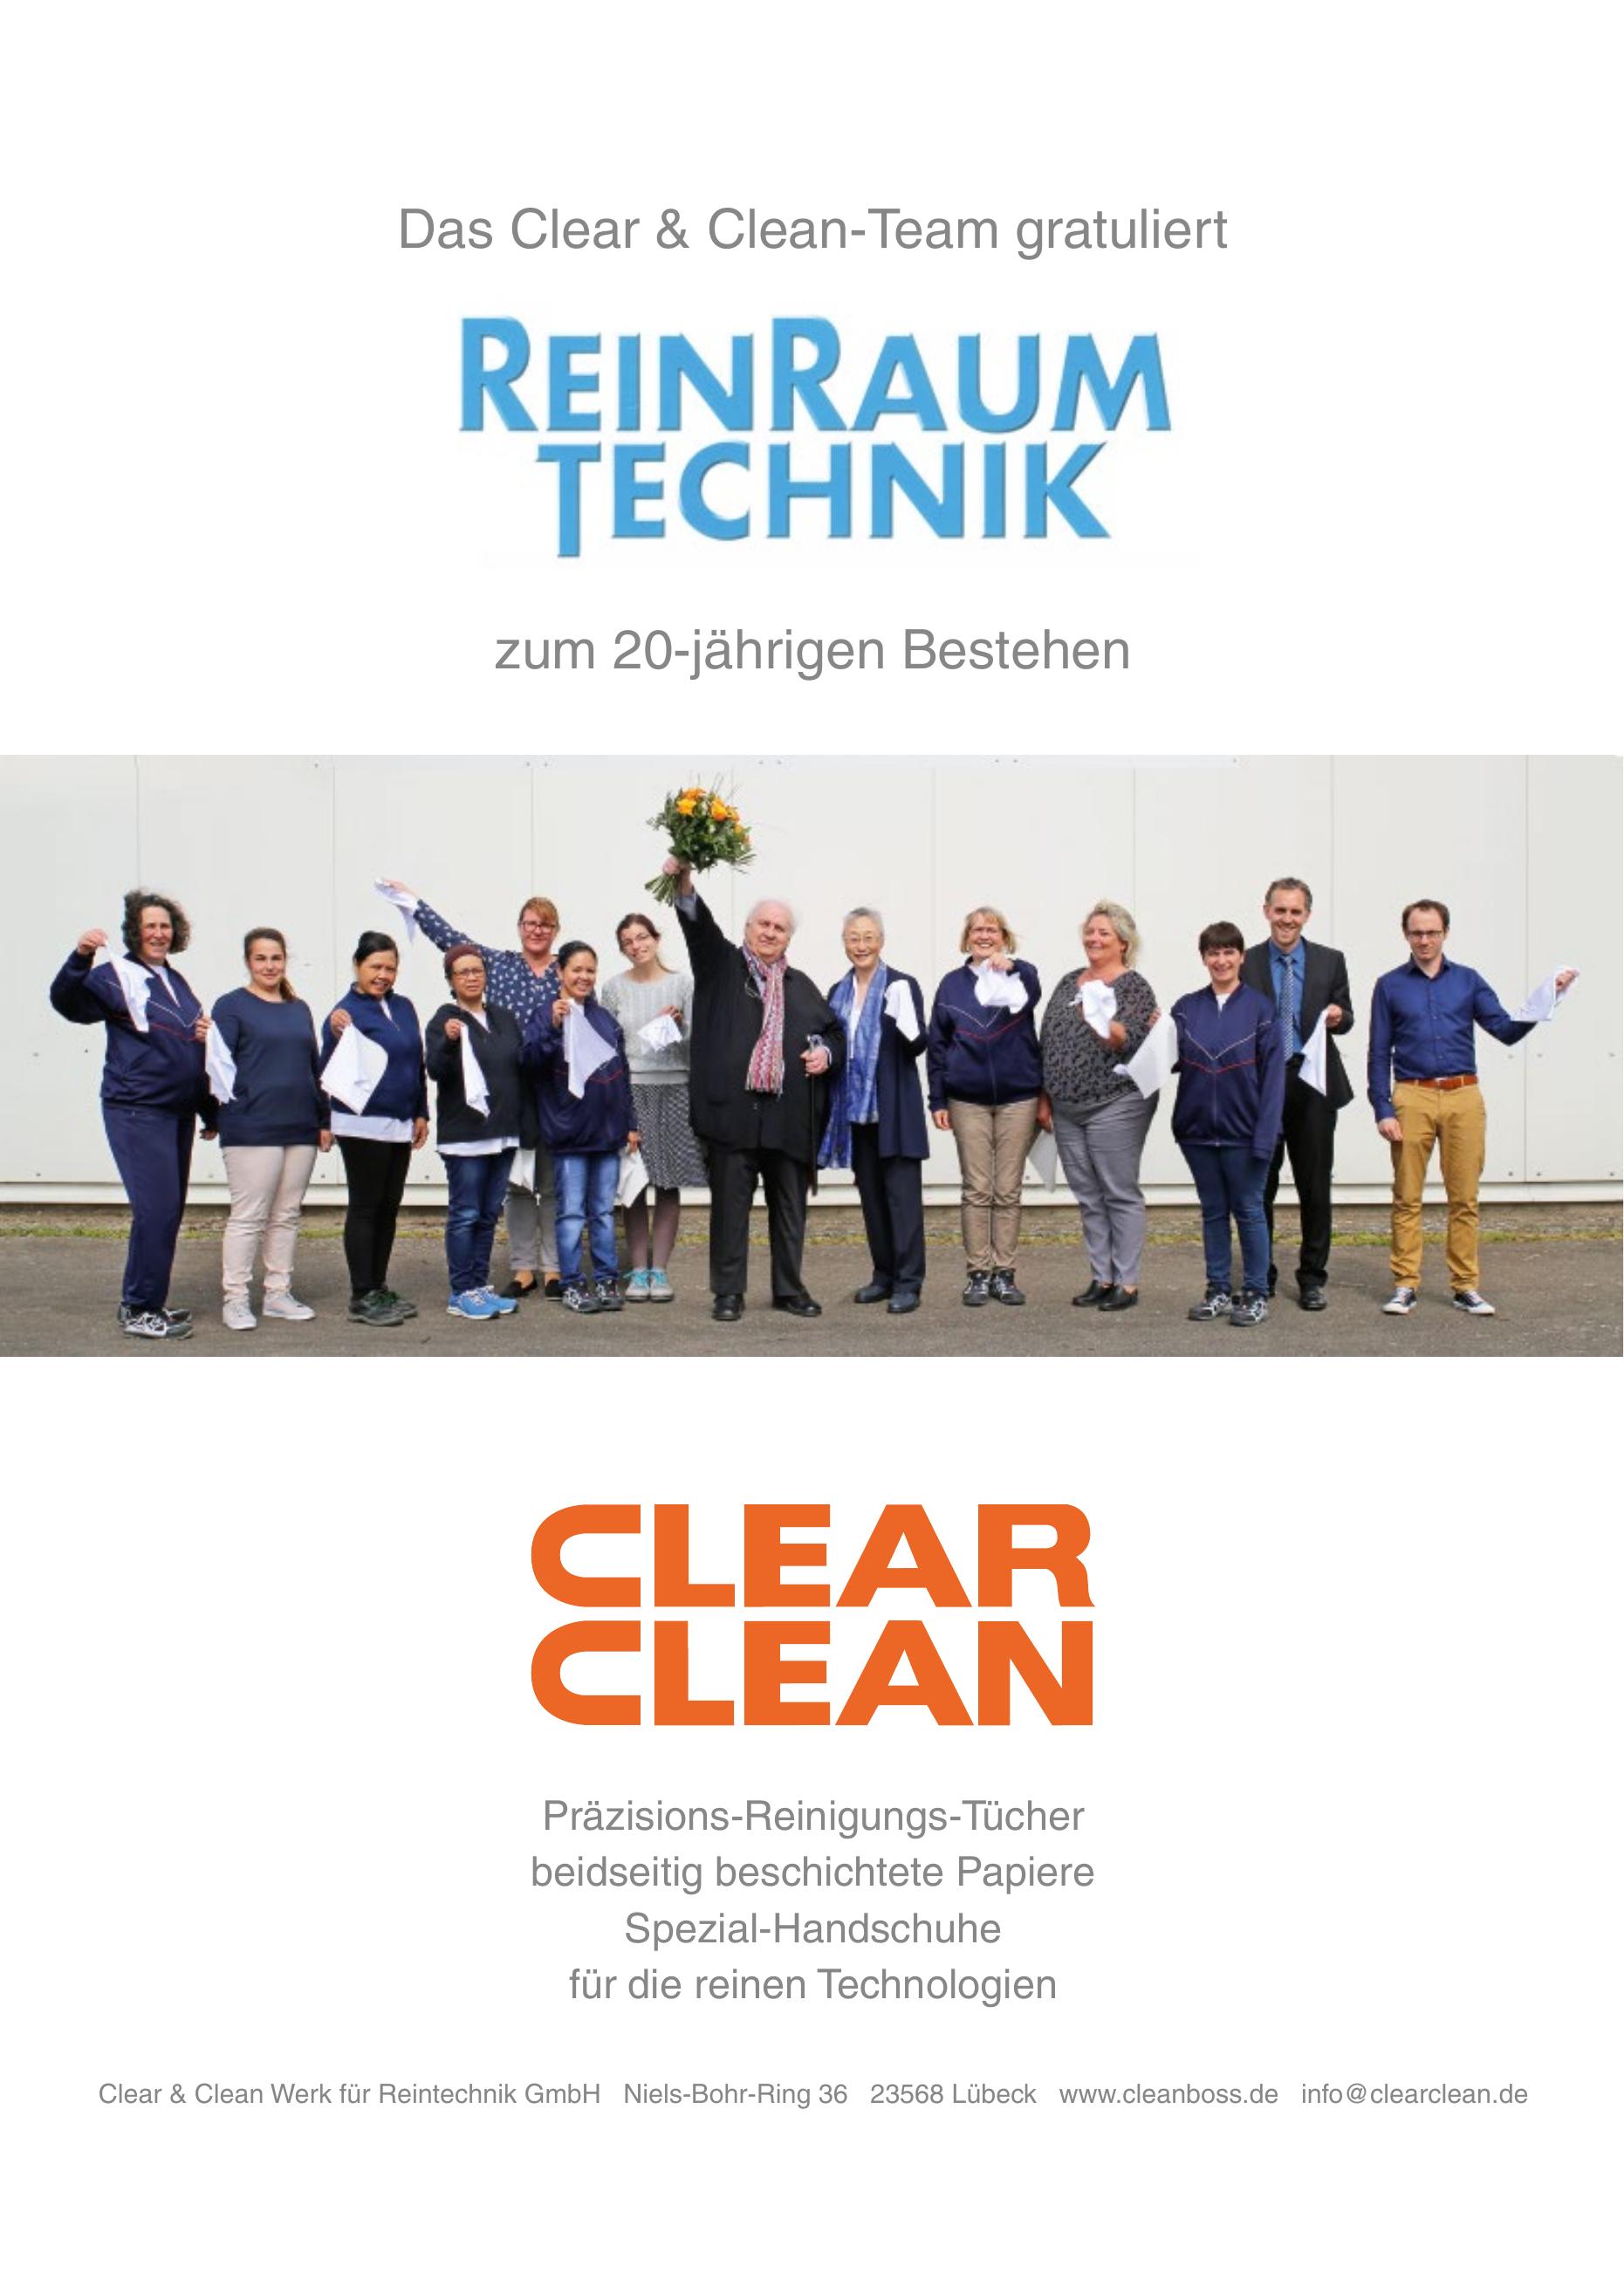 Clear & Clean Werk für Reintechnik GmbH